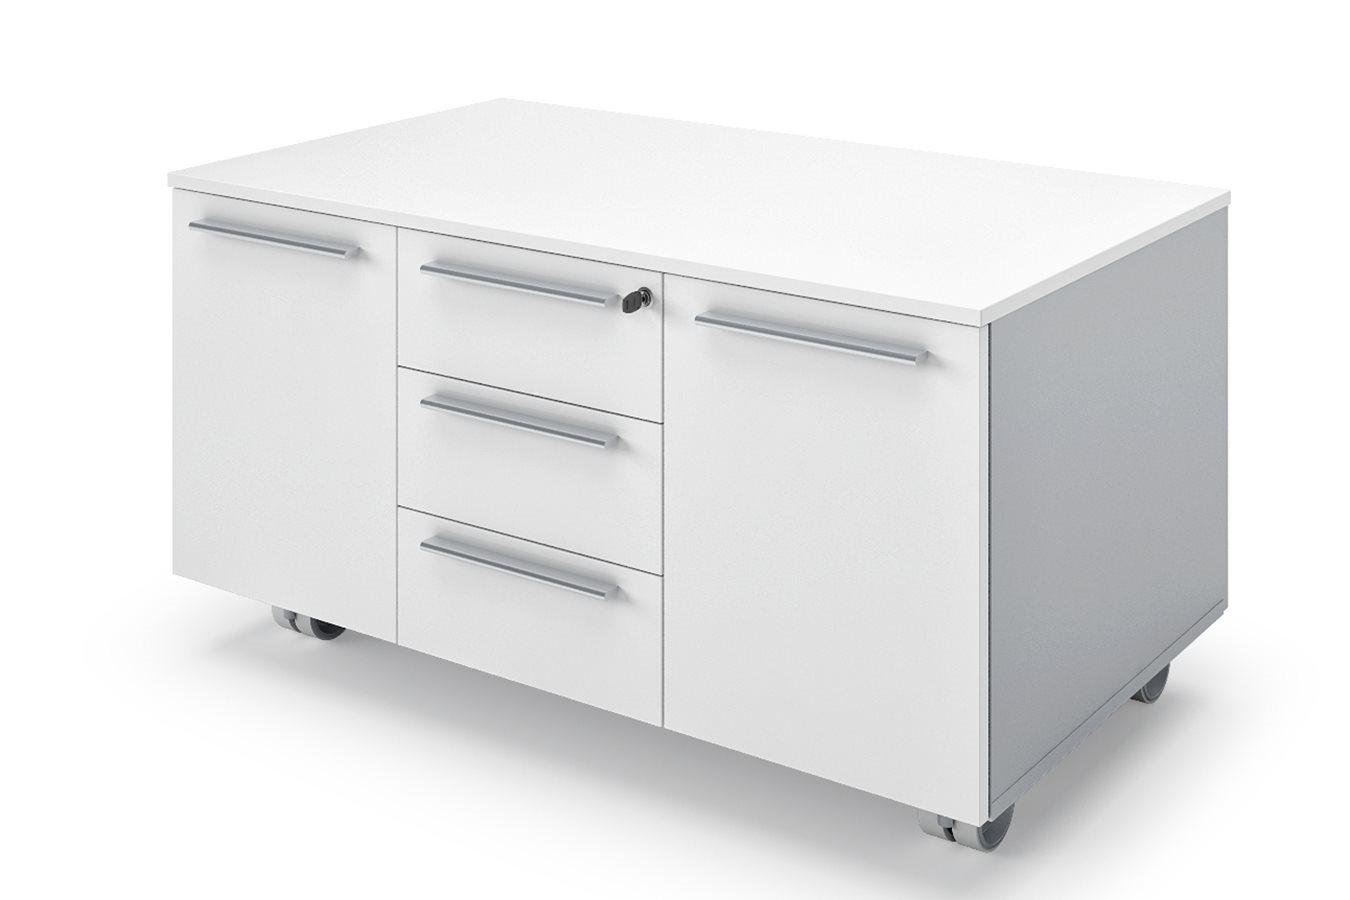 Imágen del producto: DV550 - CAJONERAS